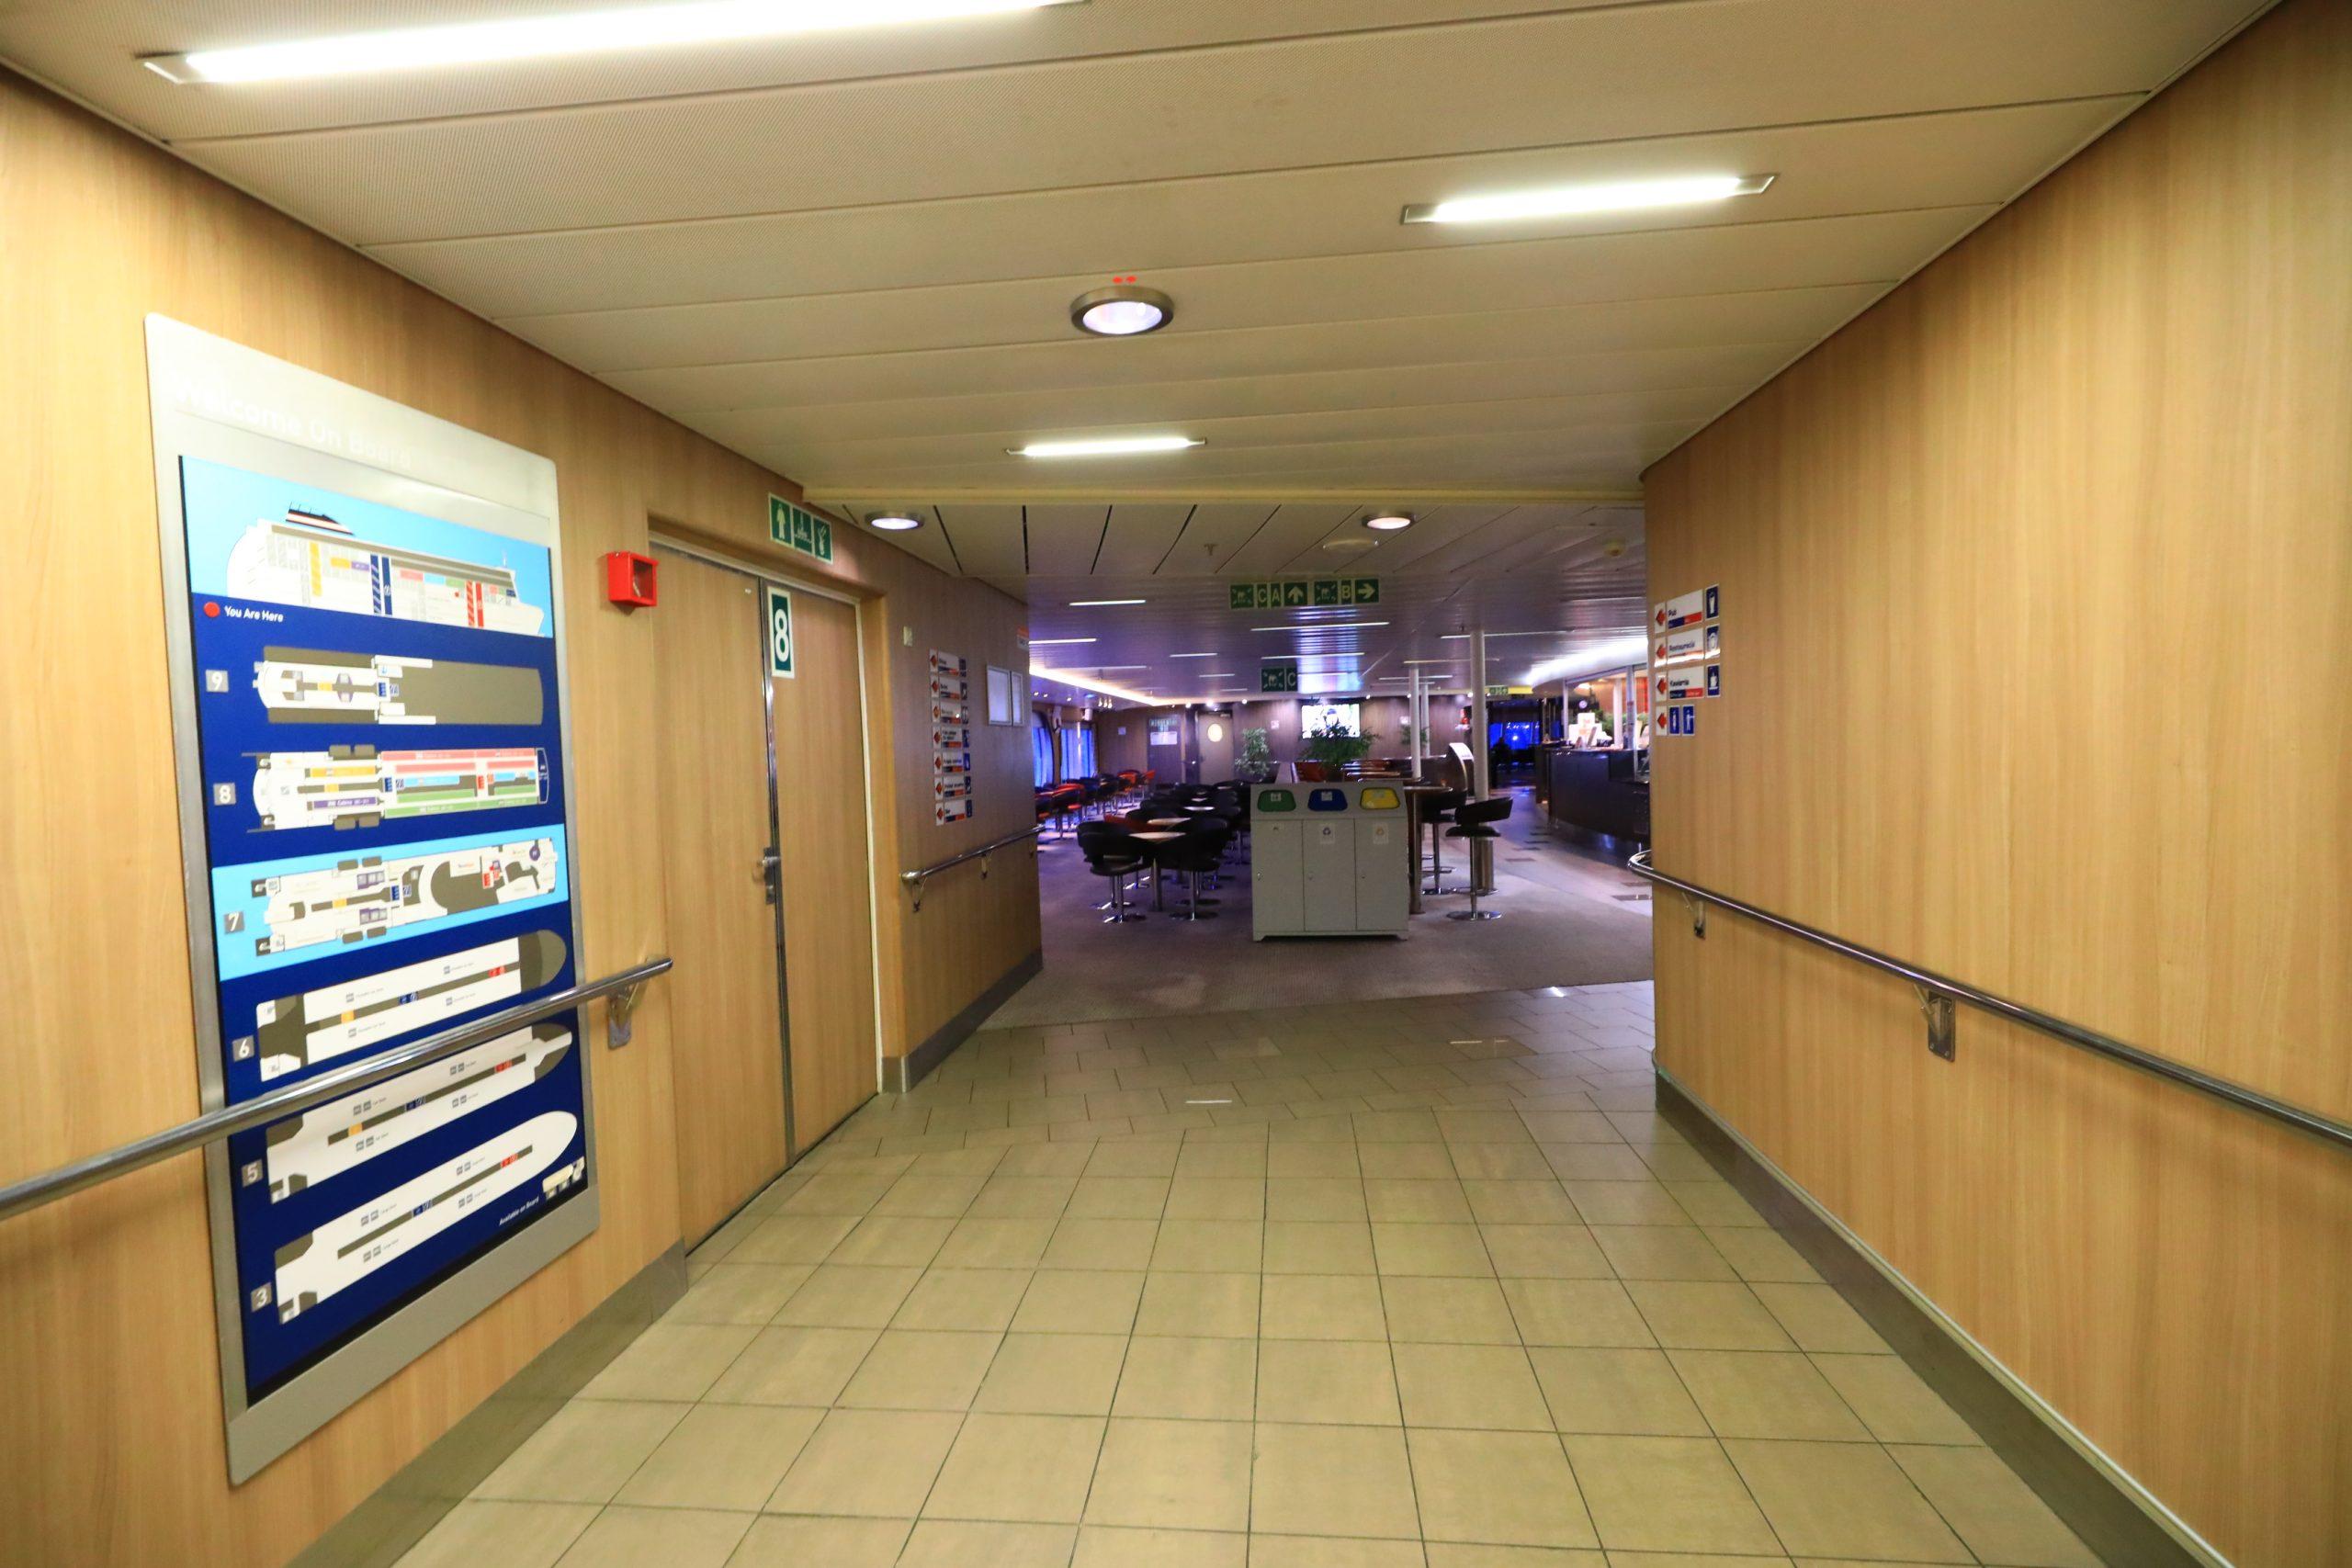 瑞典到波蘭郵輪 Stena line Polferries,波羅的海郵輪交通,Nynäshamn到Gdańsk海盜船體驗記錄